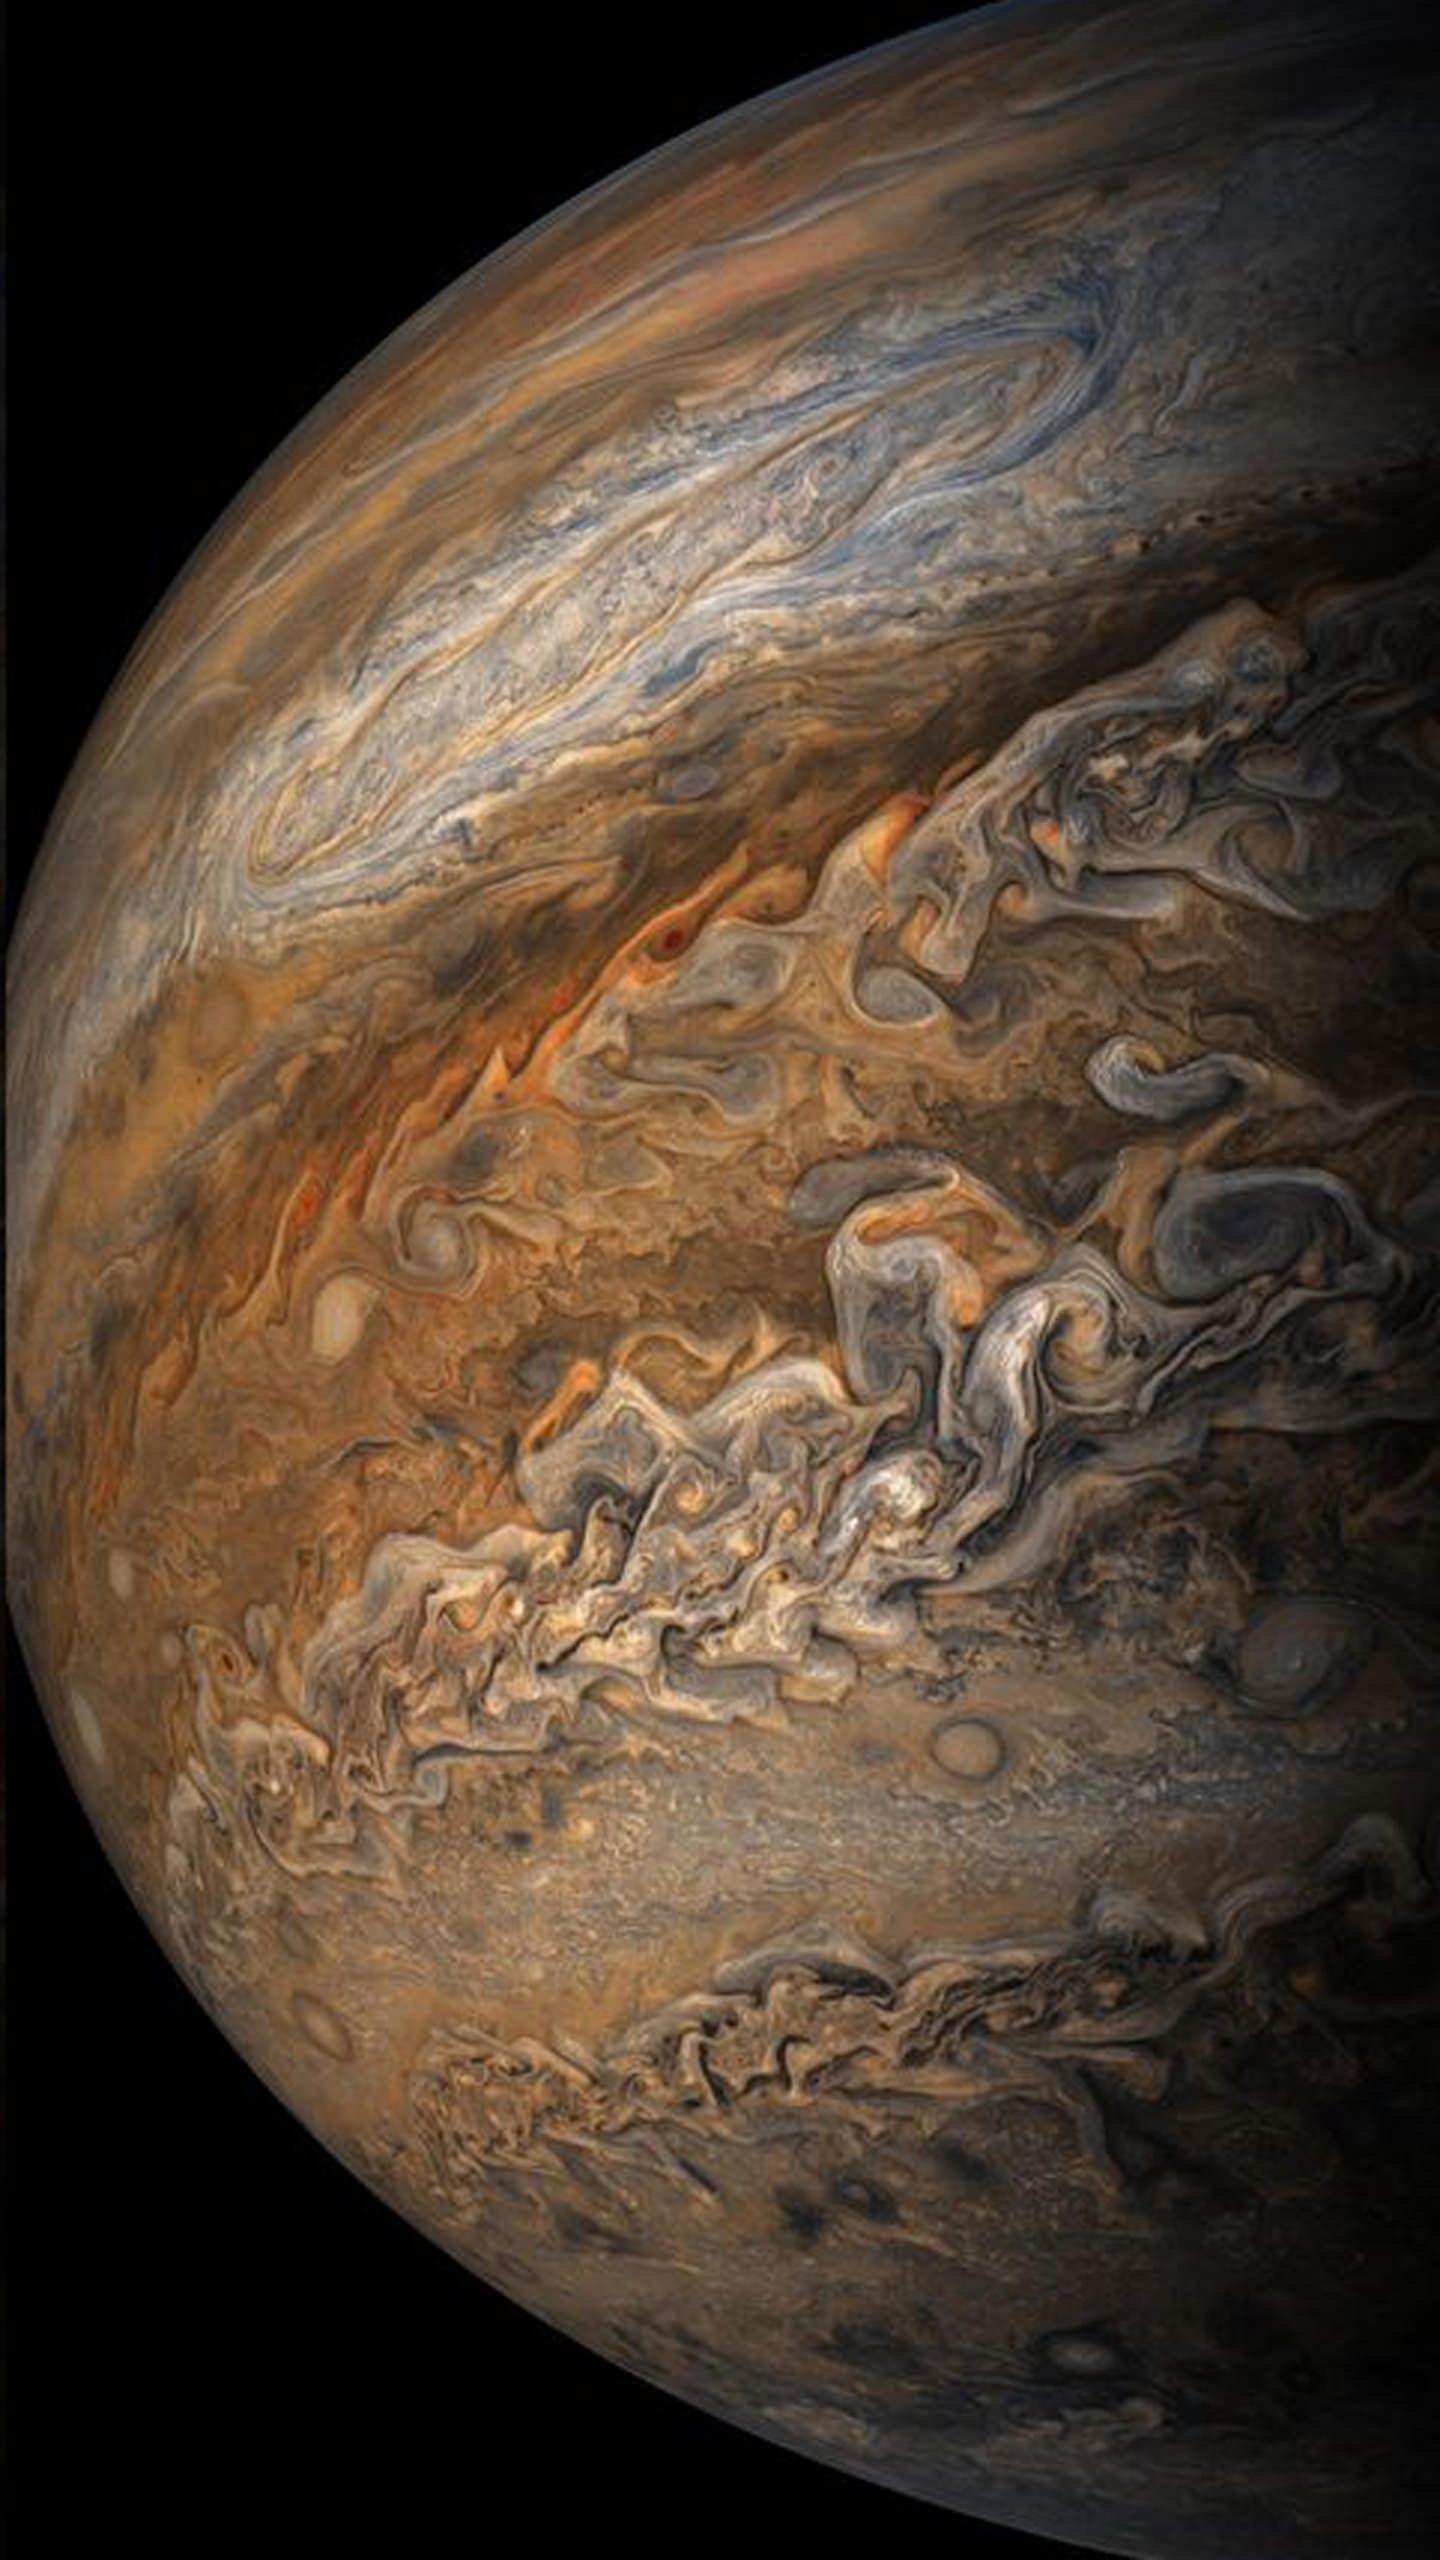 Jupiter 8k wallpapers top free jupiter 8k backgrounds - Jupiter wallpaper ...